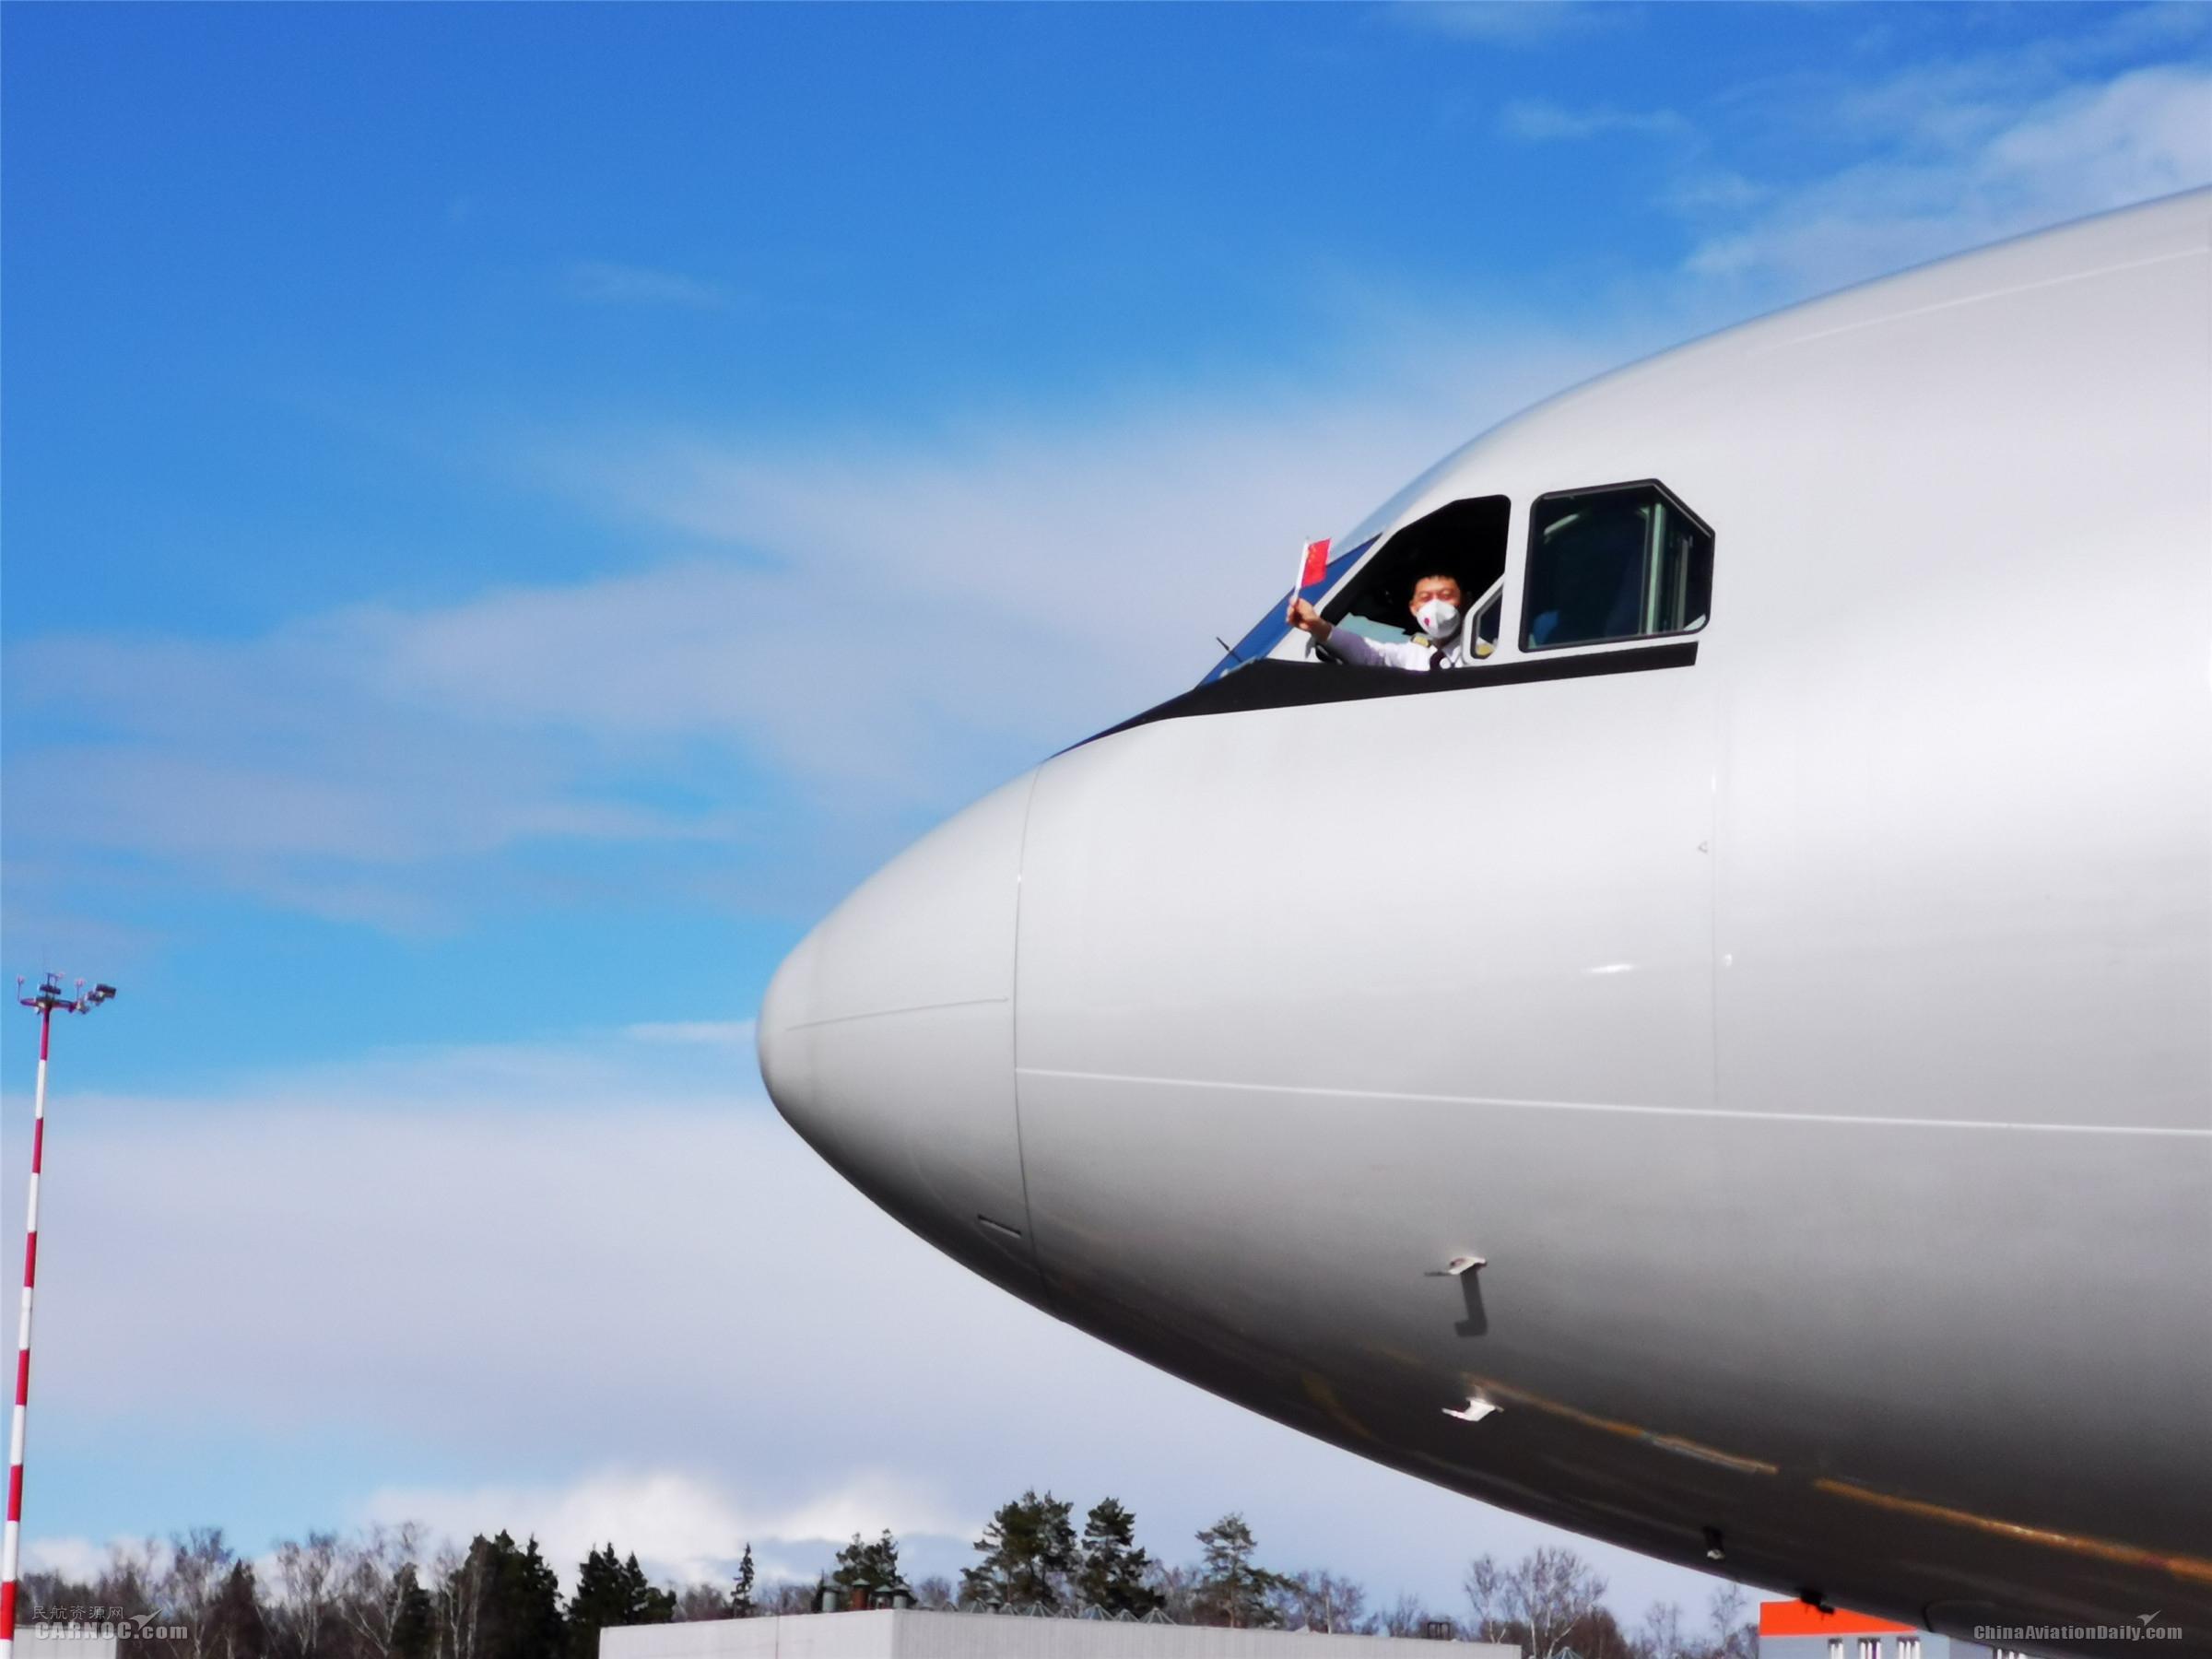 2020年4月17日满载防疫物资的MU7029航班抵达莫斯科机场